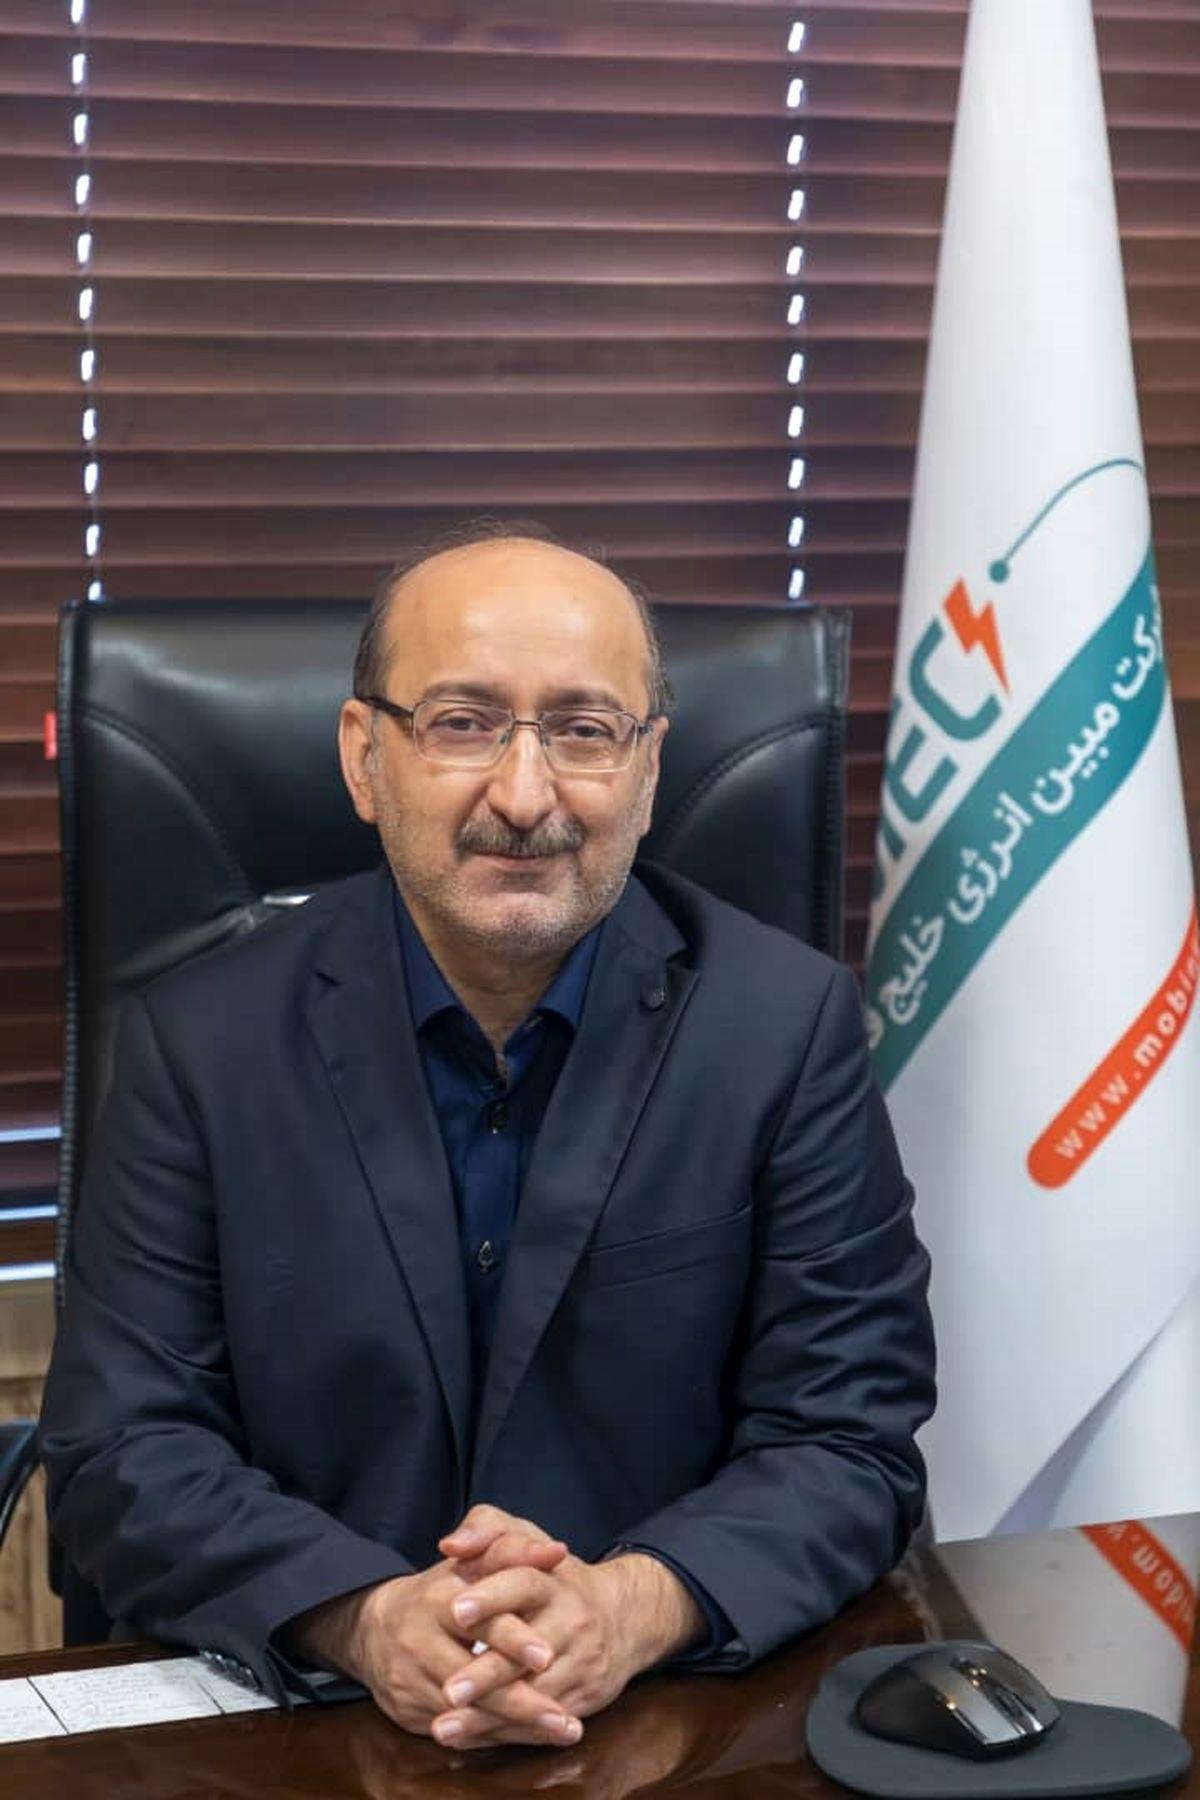 قدردانی مدیرعامل پتروشیمی مبین انرژی خلیج فارس از زحمات همکاران